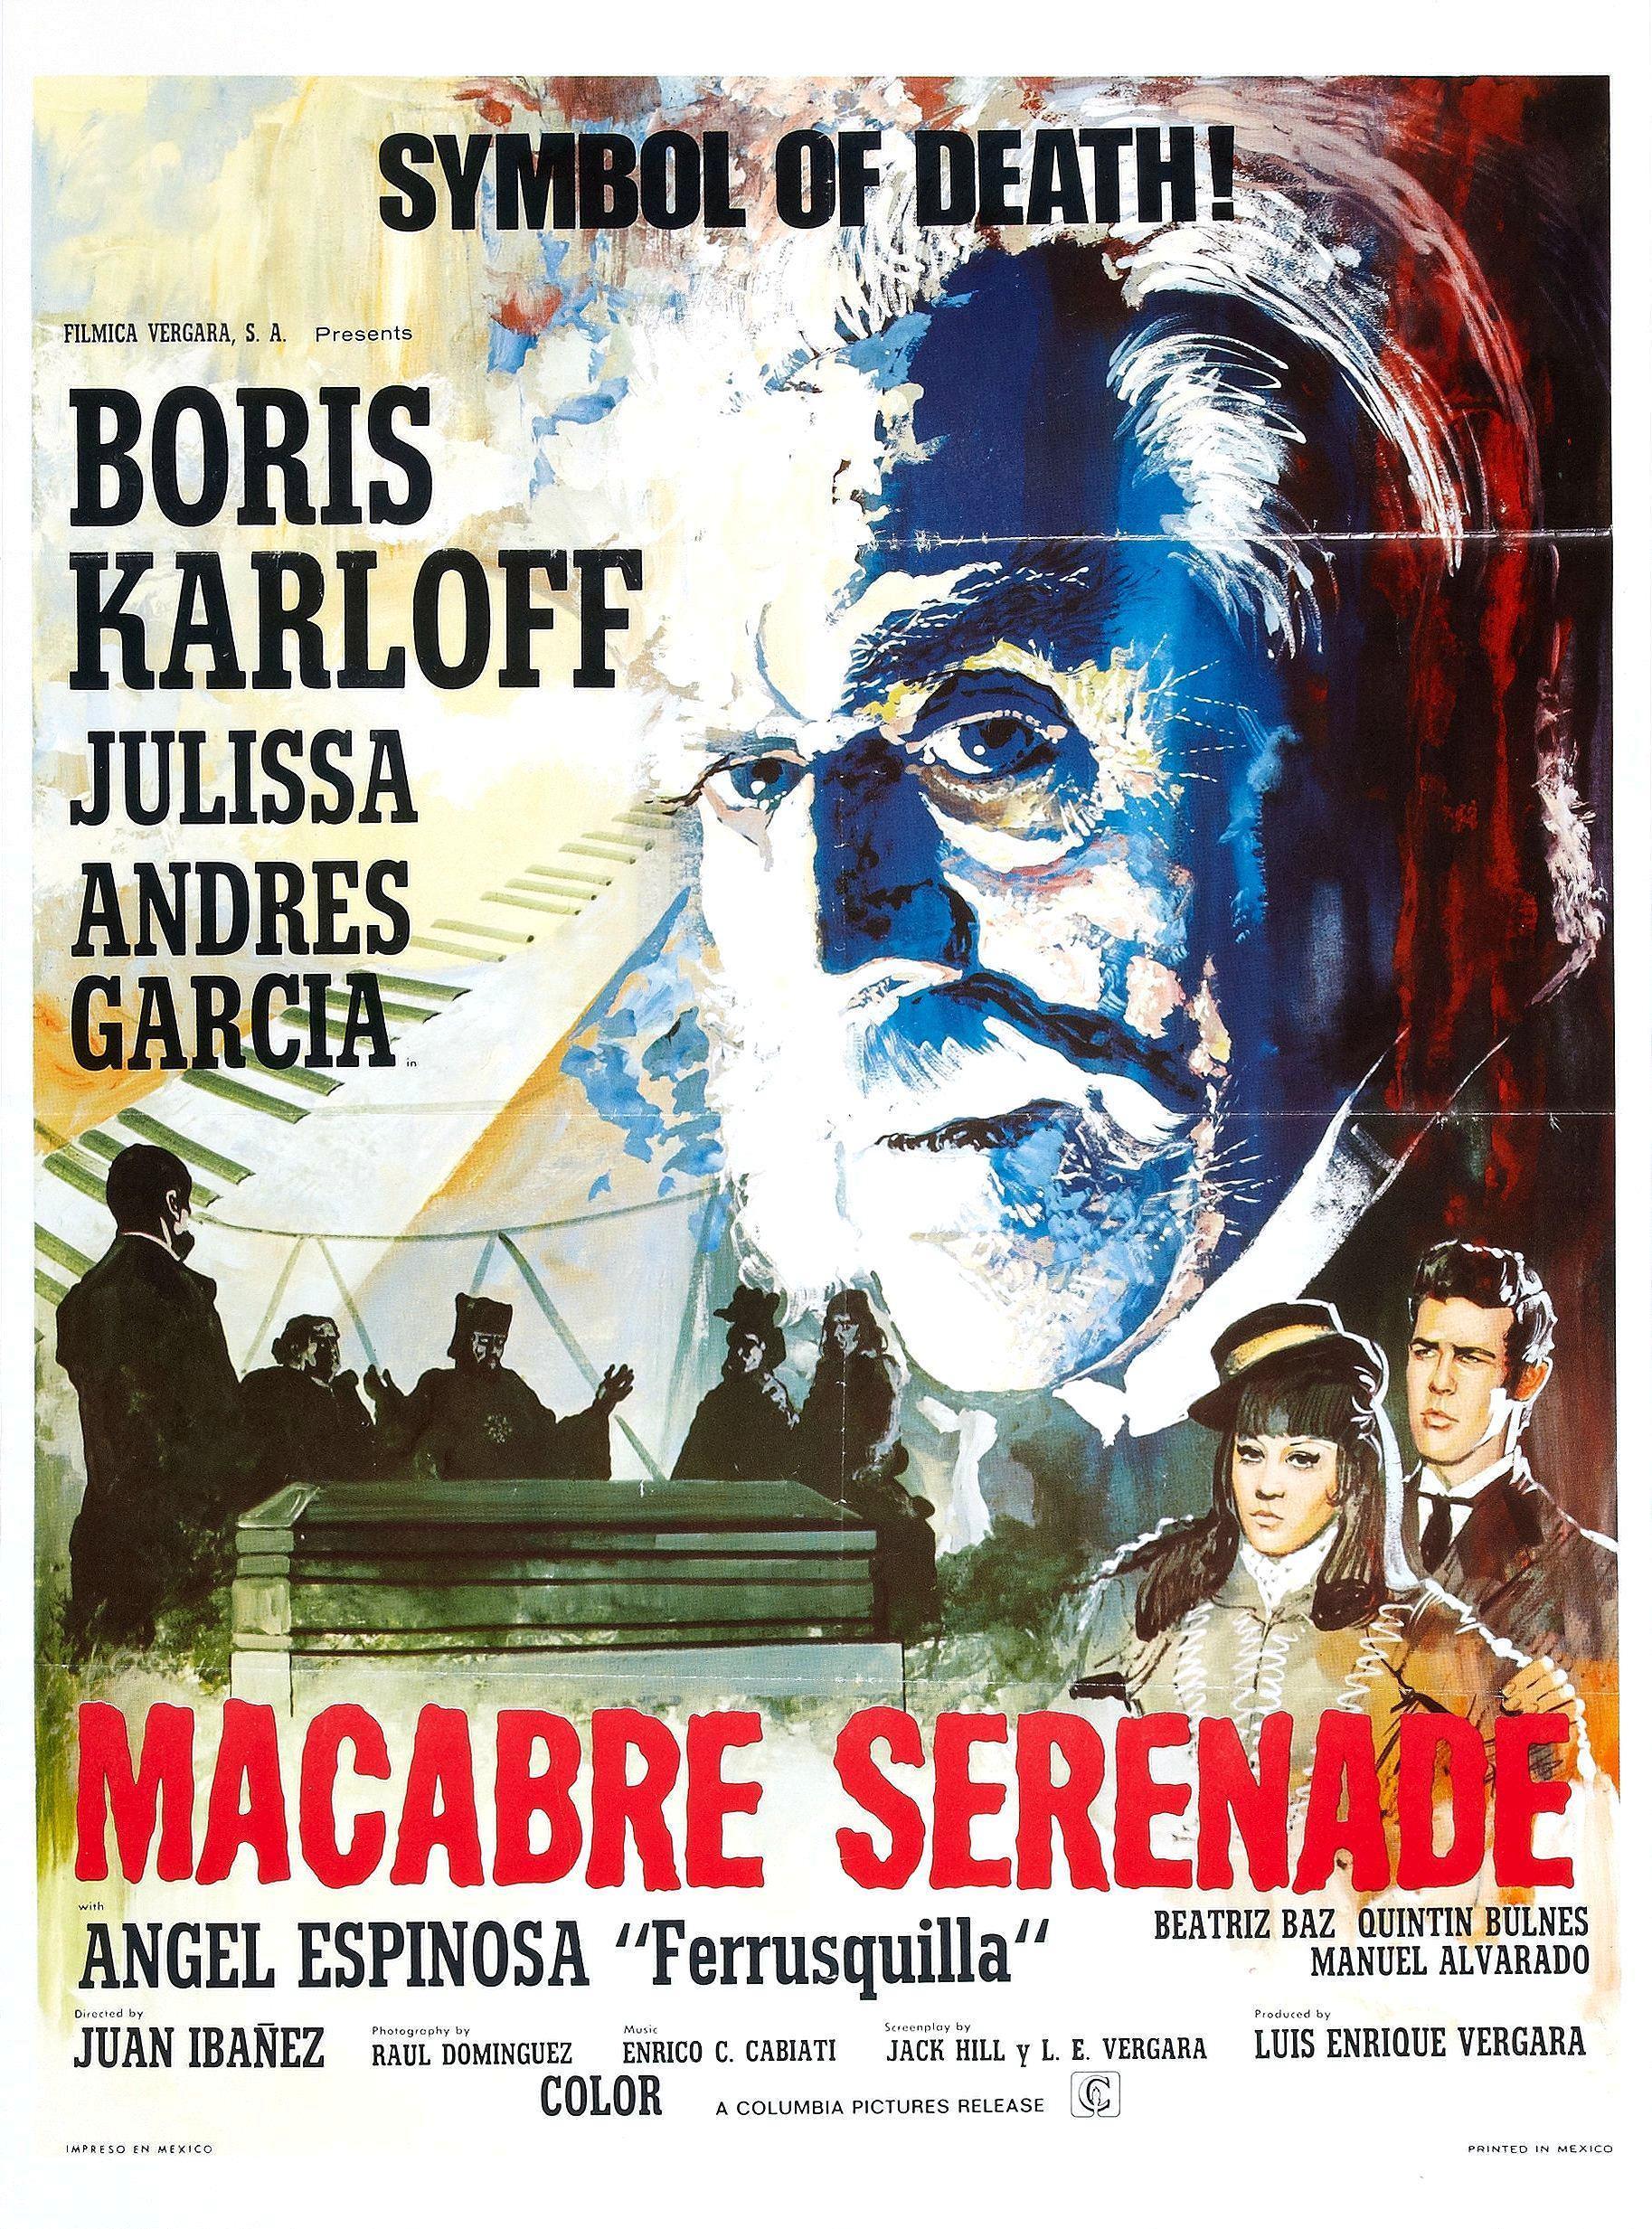 Macabre Serenade (1968)